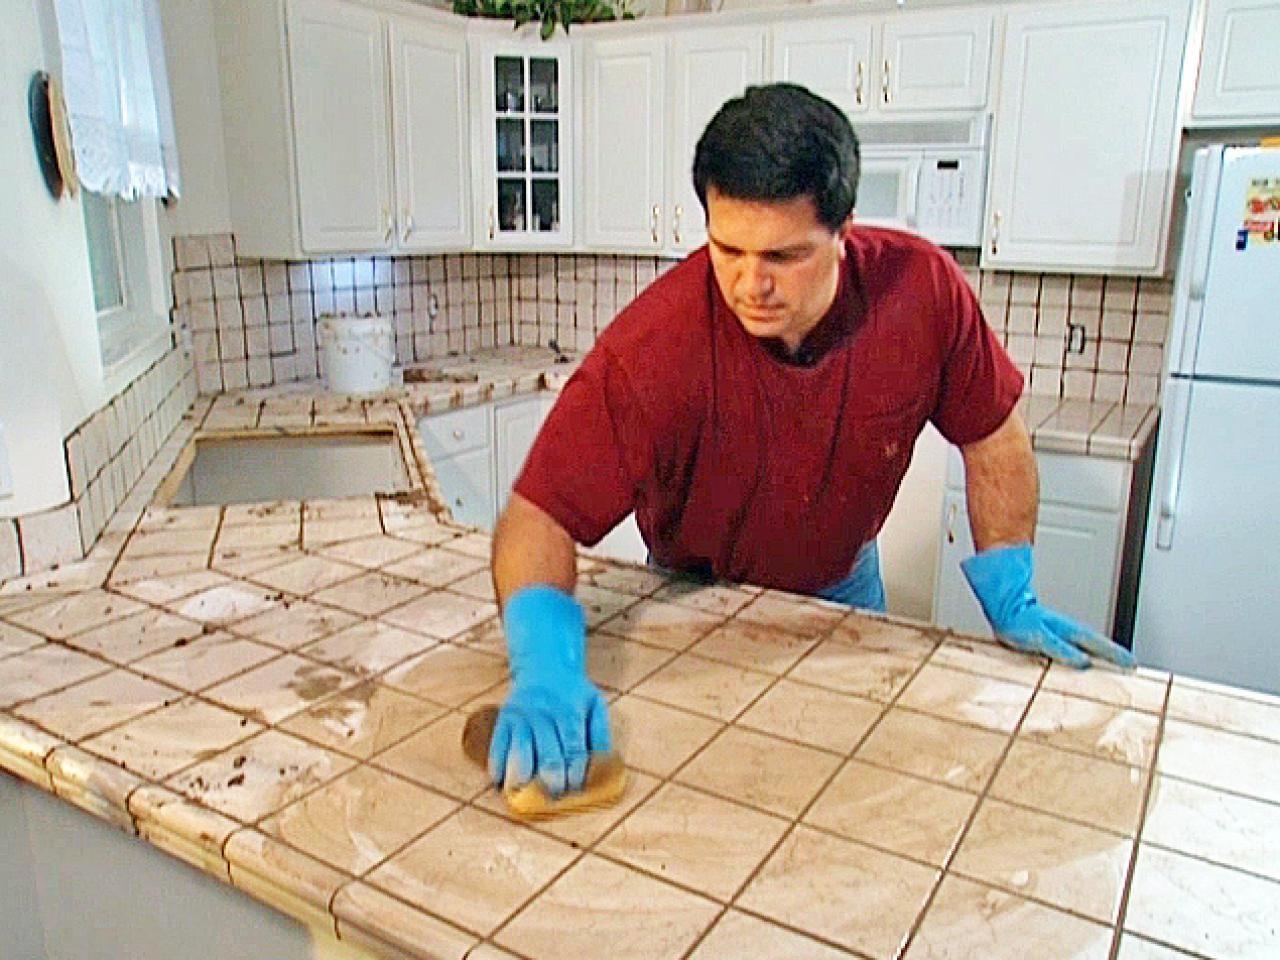 Wie Man Eine Kuche Arbeitsplatte Entscheiden Sie Das Design Wenn Sie Kleine Kuche Es Ist Klug Wenn Sie R Laminate Countertops Diy Countertops Home Repairs